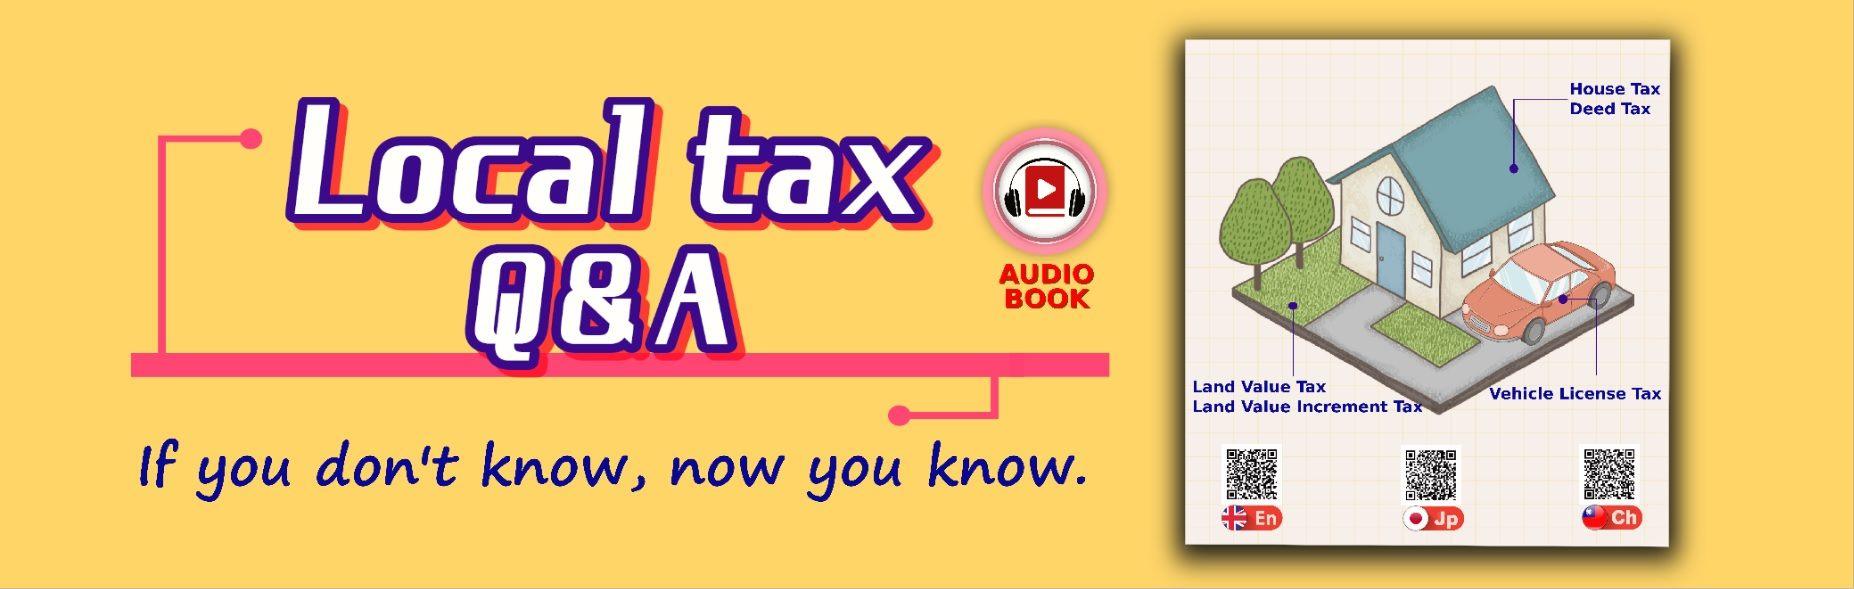 109年地方稅Q&A電子書